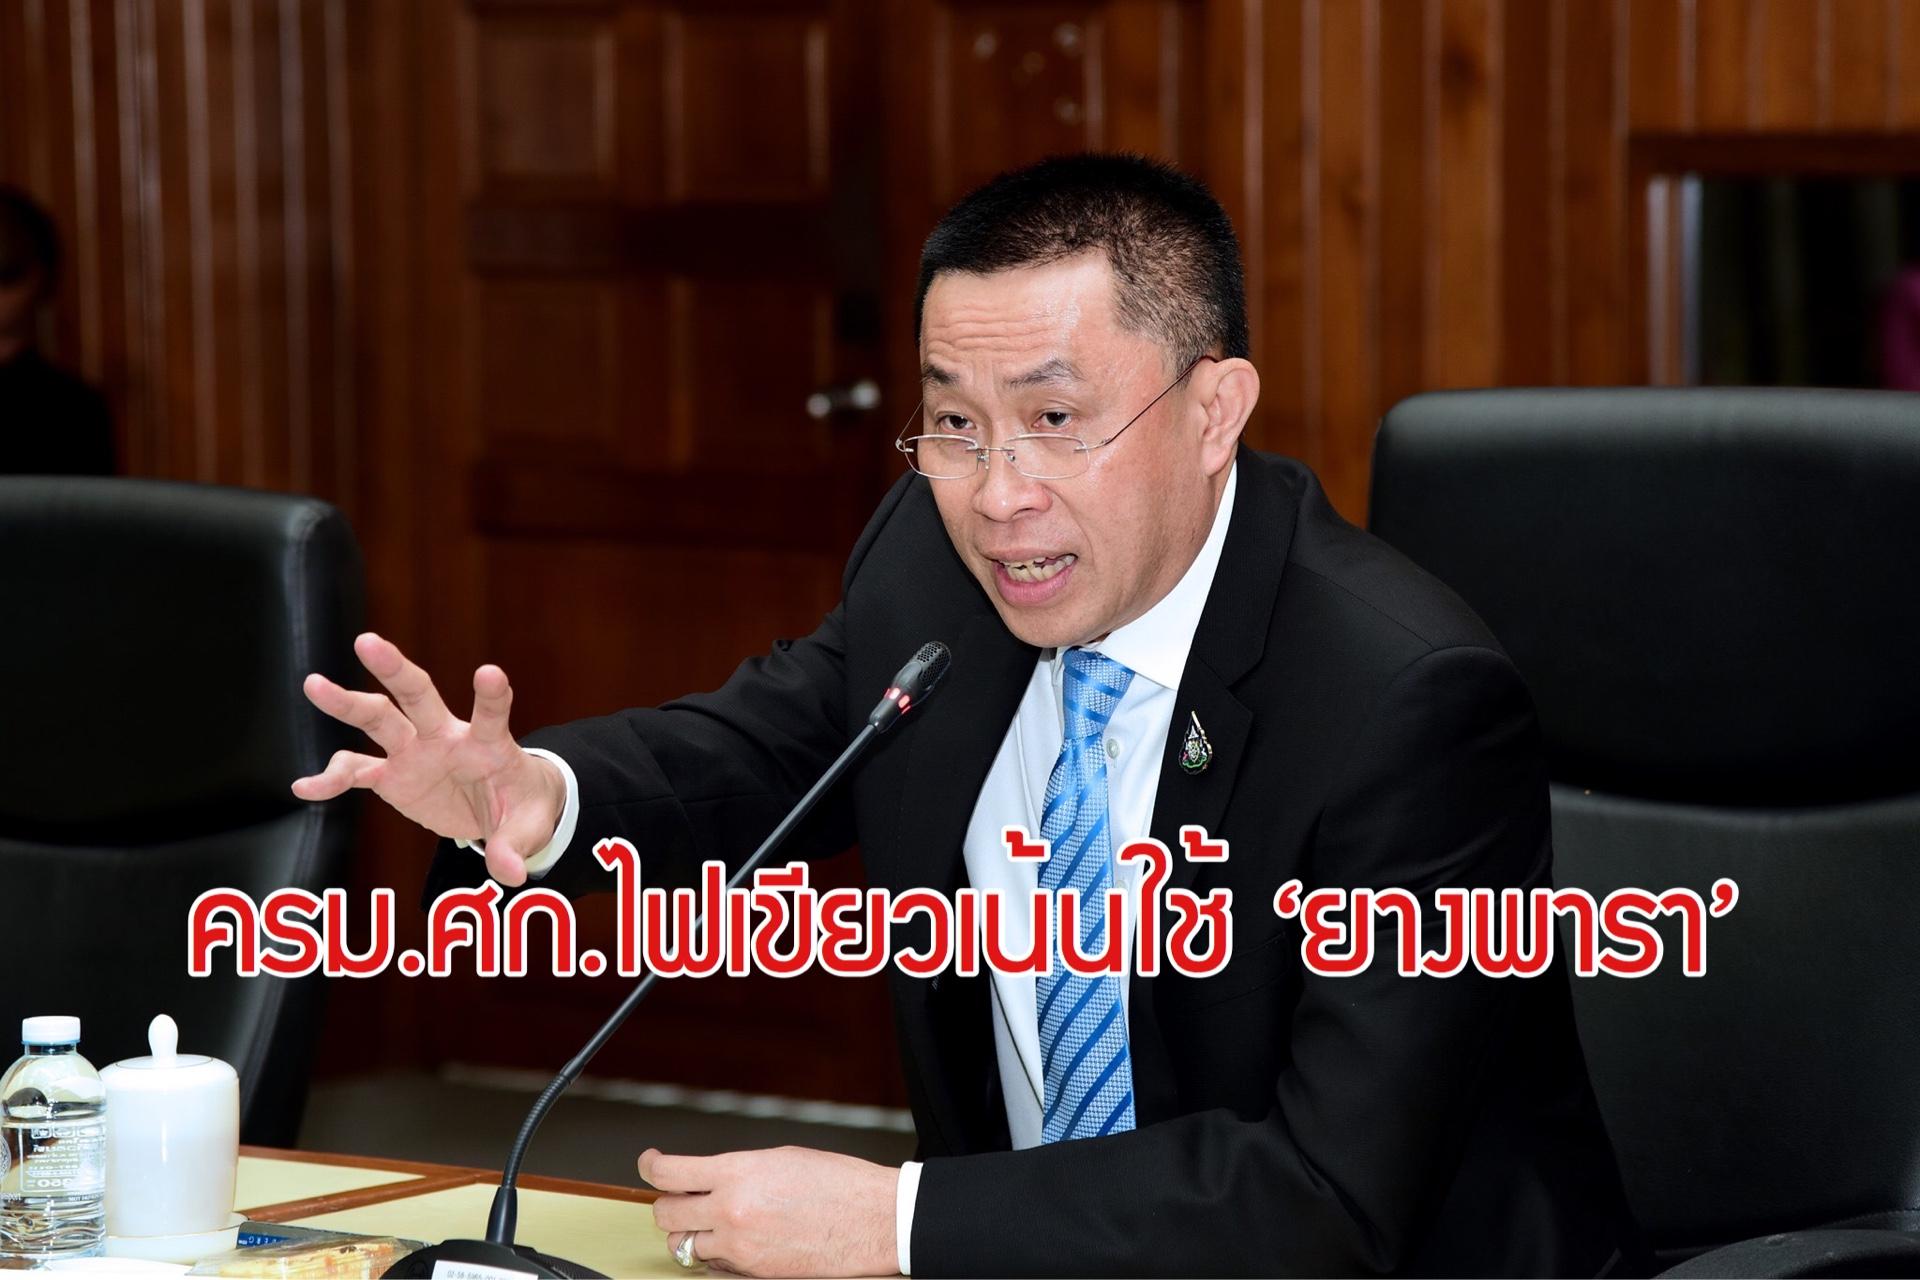 'ครม.เศรษฐกิจ' ไฟเขียวนโยบายใช้ยางพาราในโปรเจ็กต์คมนาคม 'บิ๊กตู่' สั่งงานก่อสร้างเน้นใช้วัสดุไทยไม่น้อยกว่า 30%